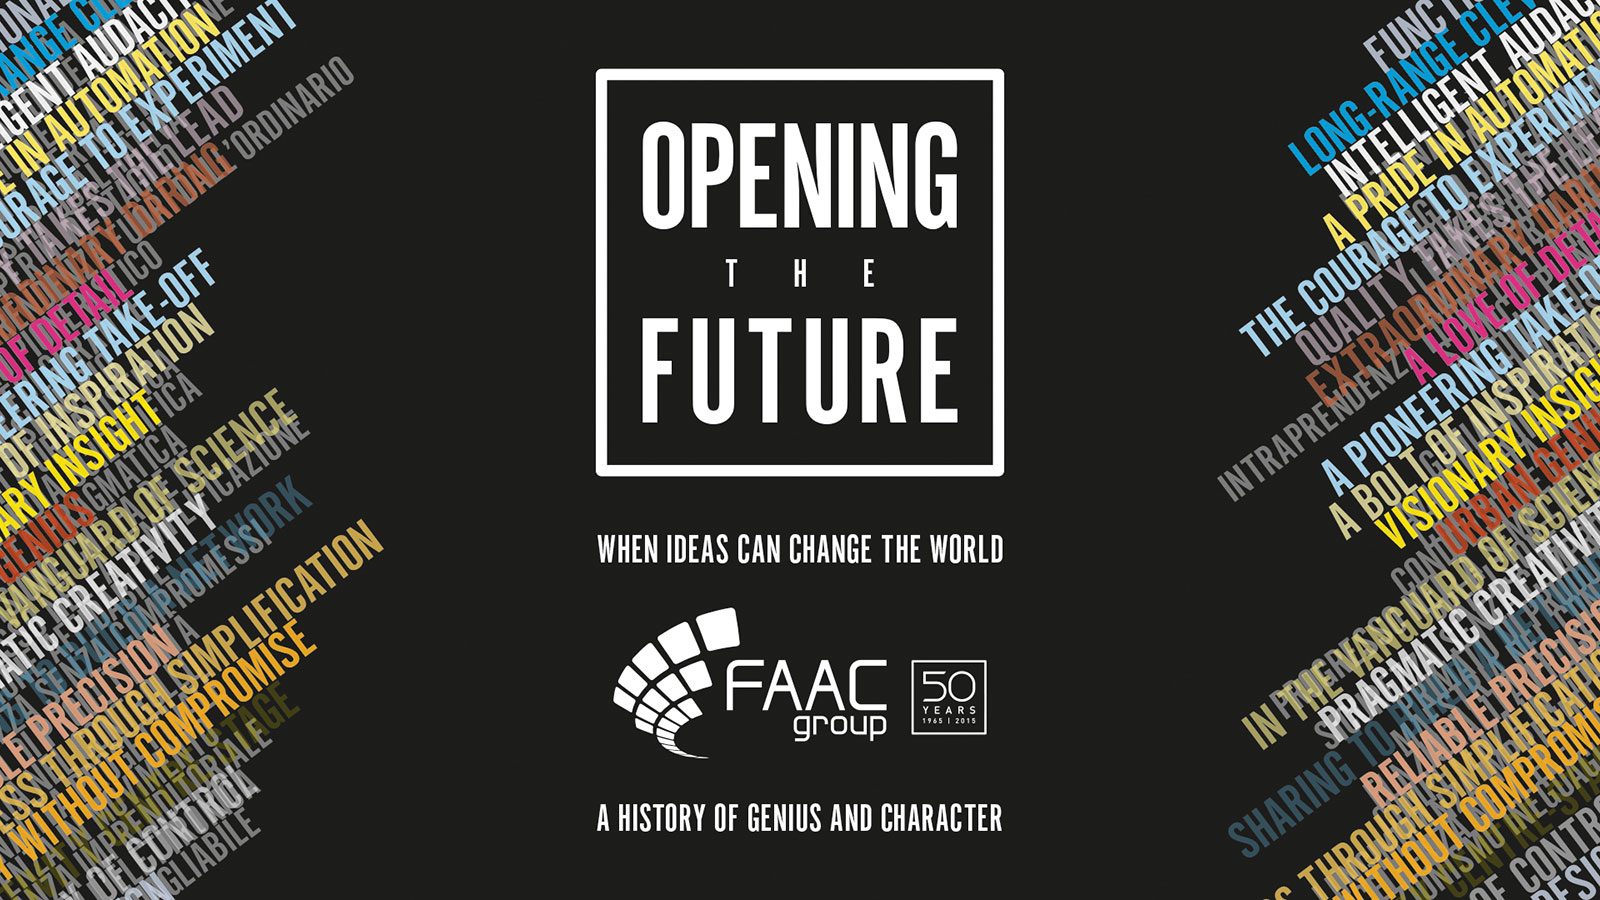 Menabò, agenzia di comunicazione a Forlì, per il 50° anniversario di FAAC - Cover della news